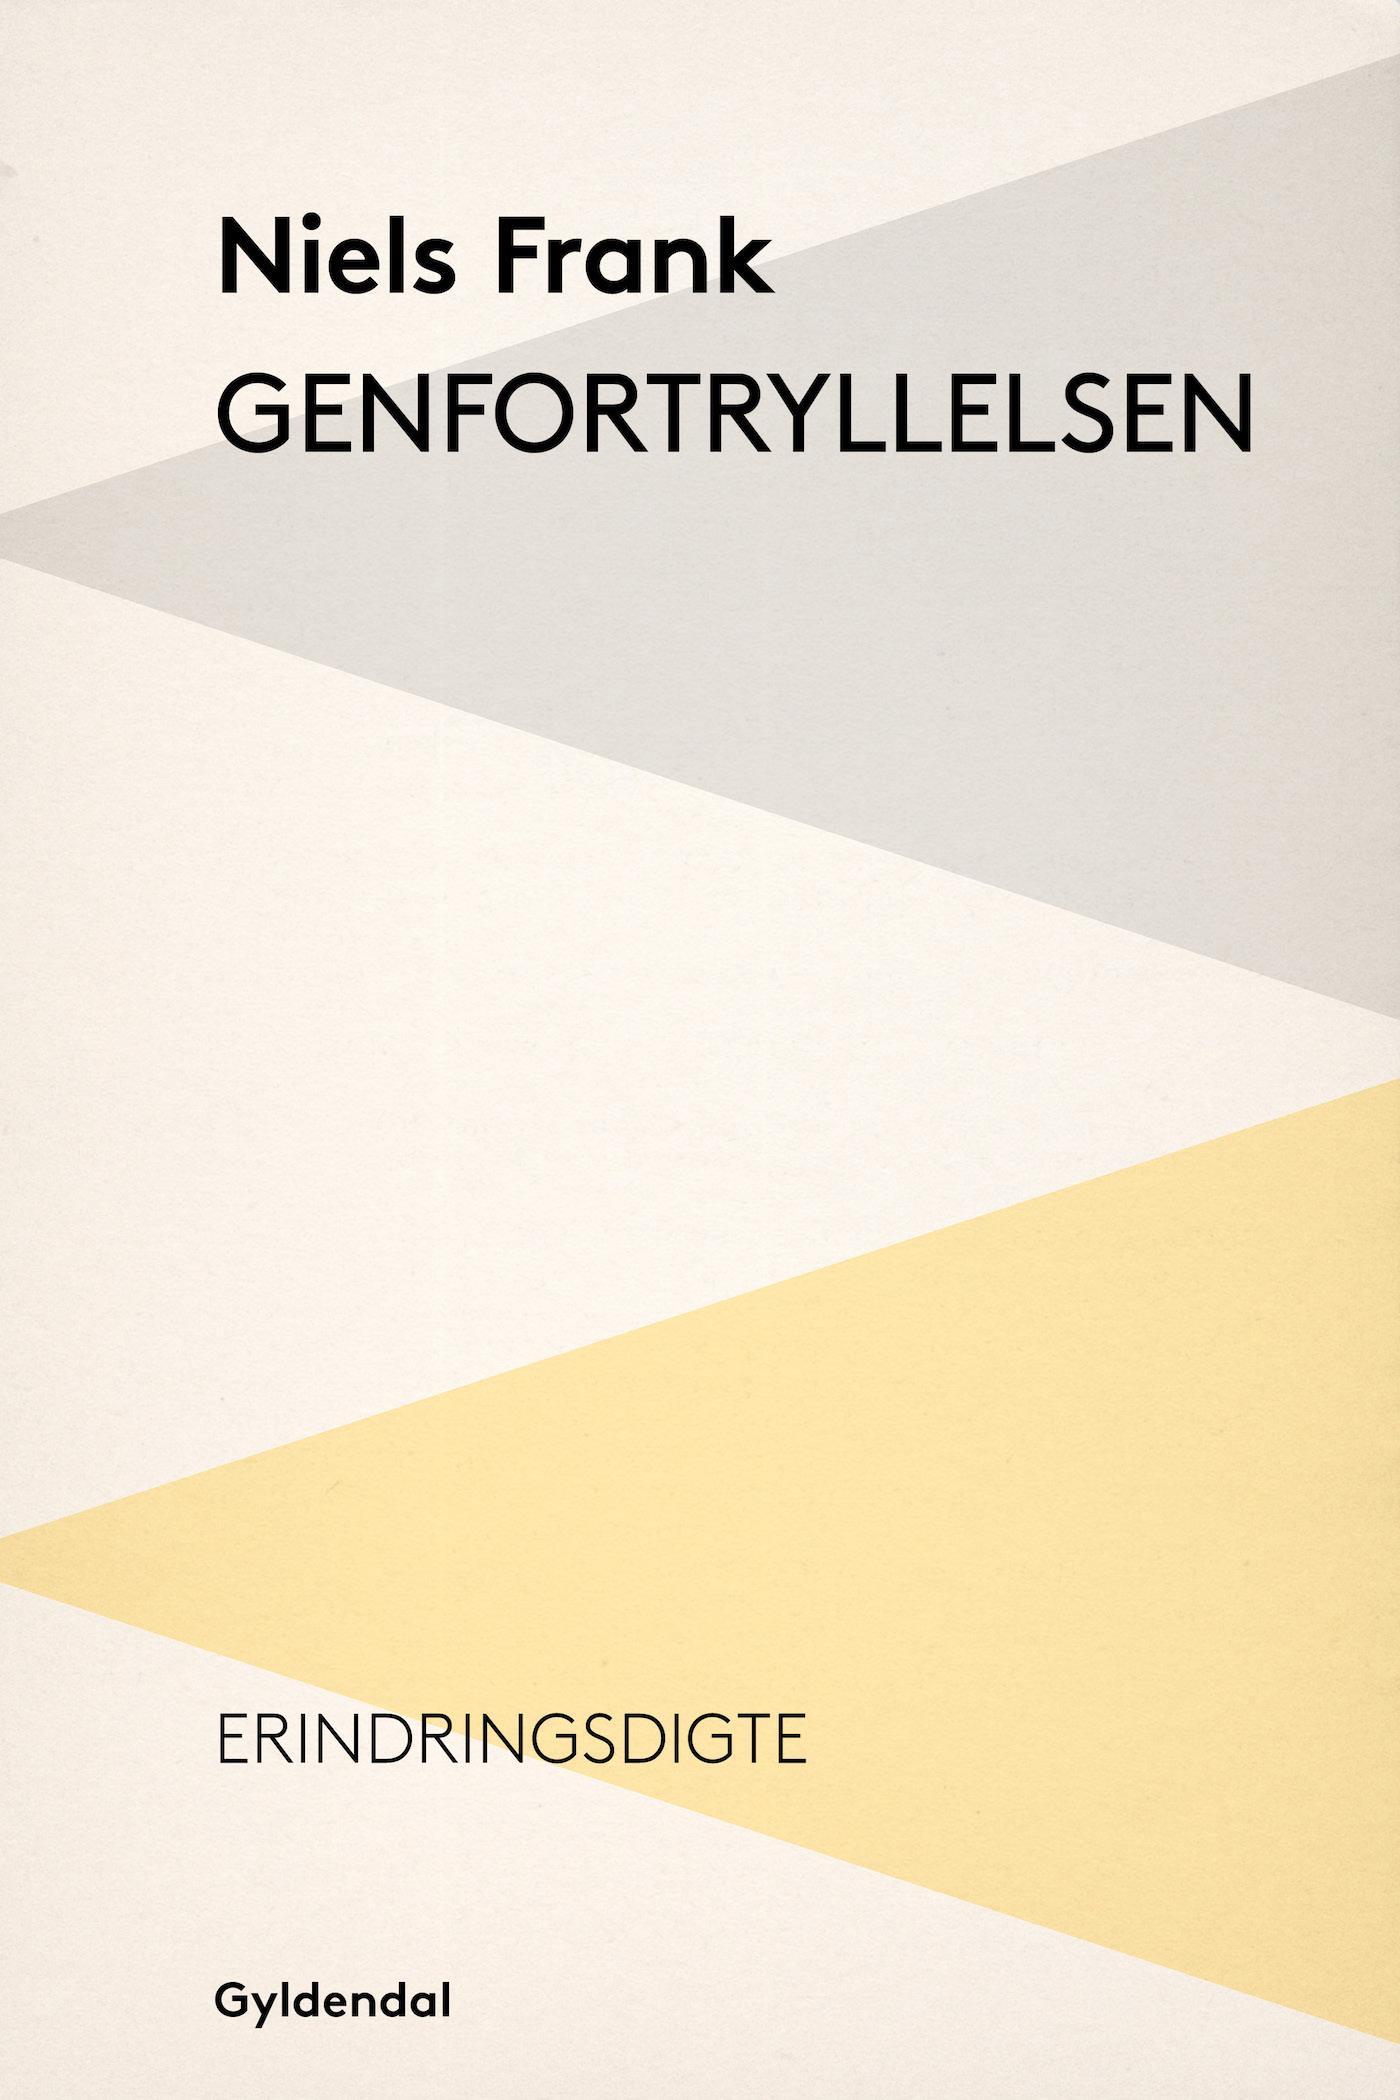 Genfortryllesen - e-bog fra N/A på bog & mystik